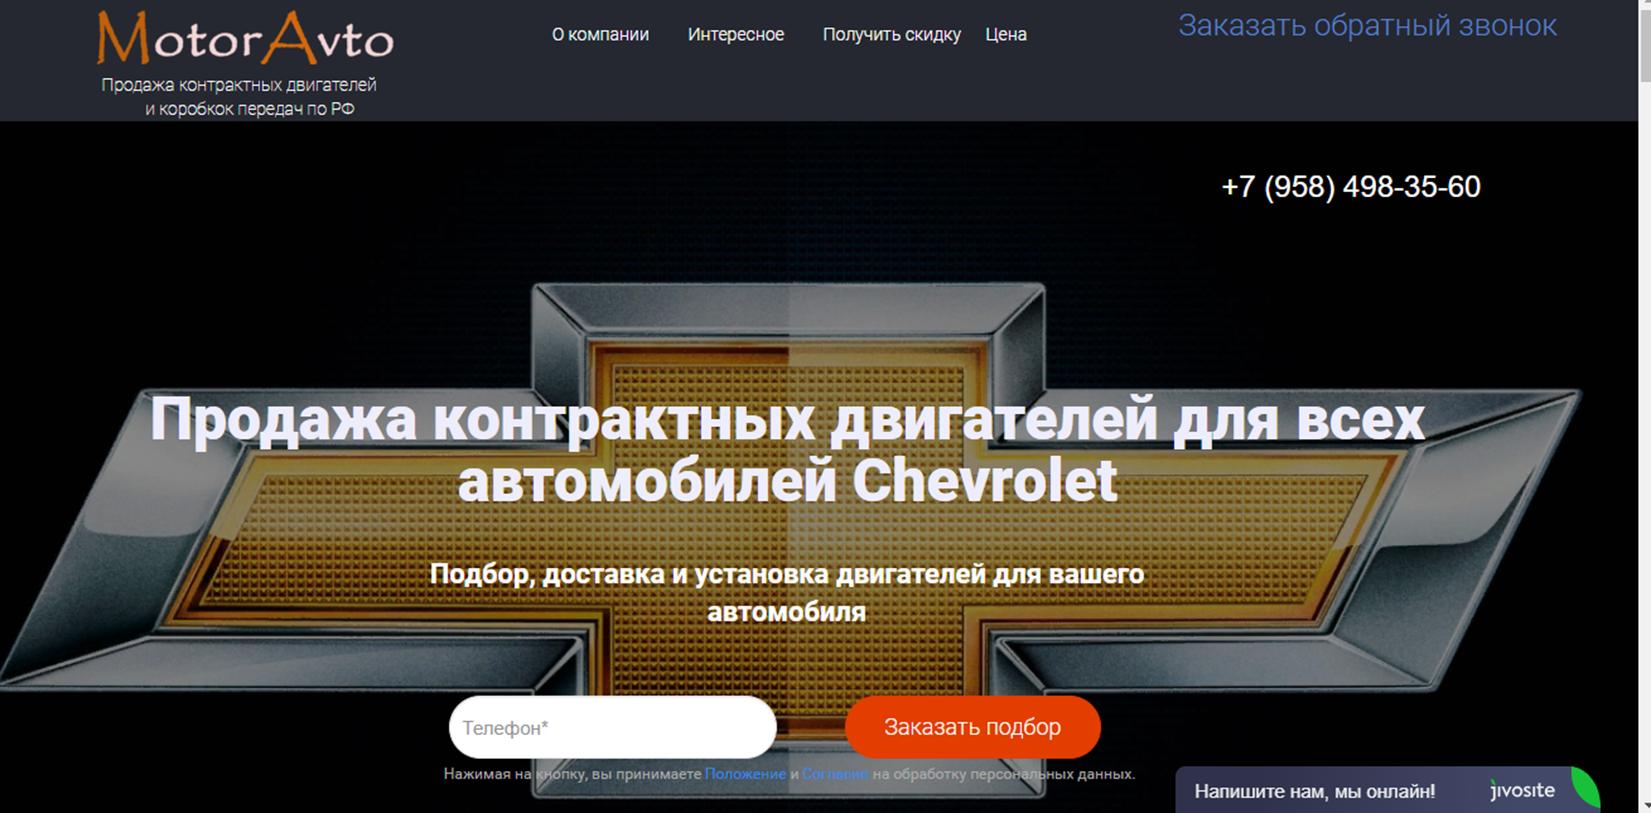 Мультилендинг – лендинг под запрос «Купить двигатель Chevrolet»